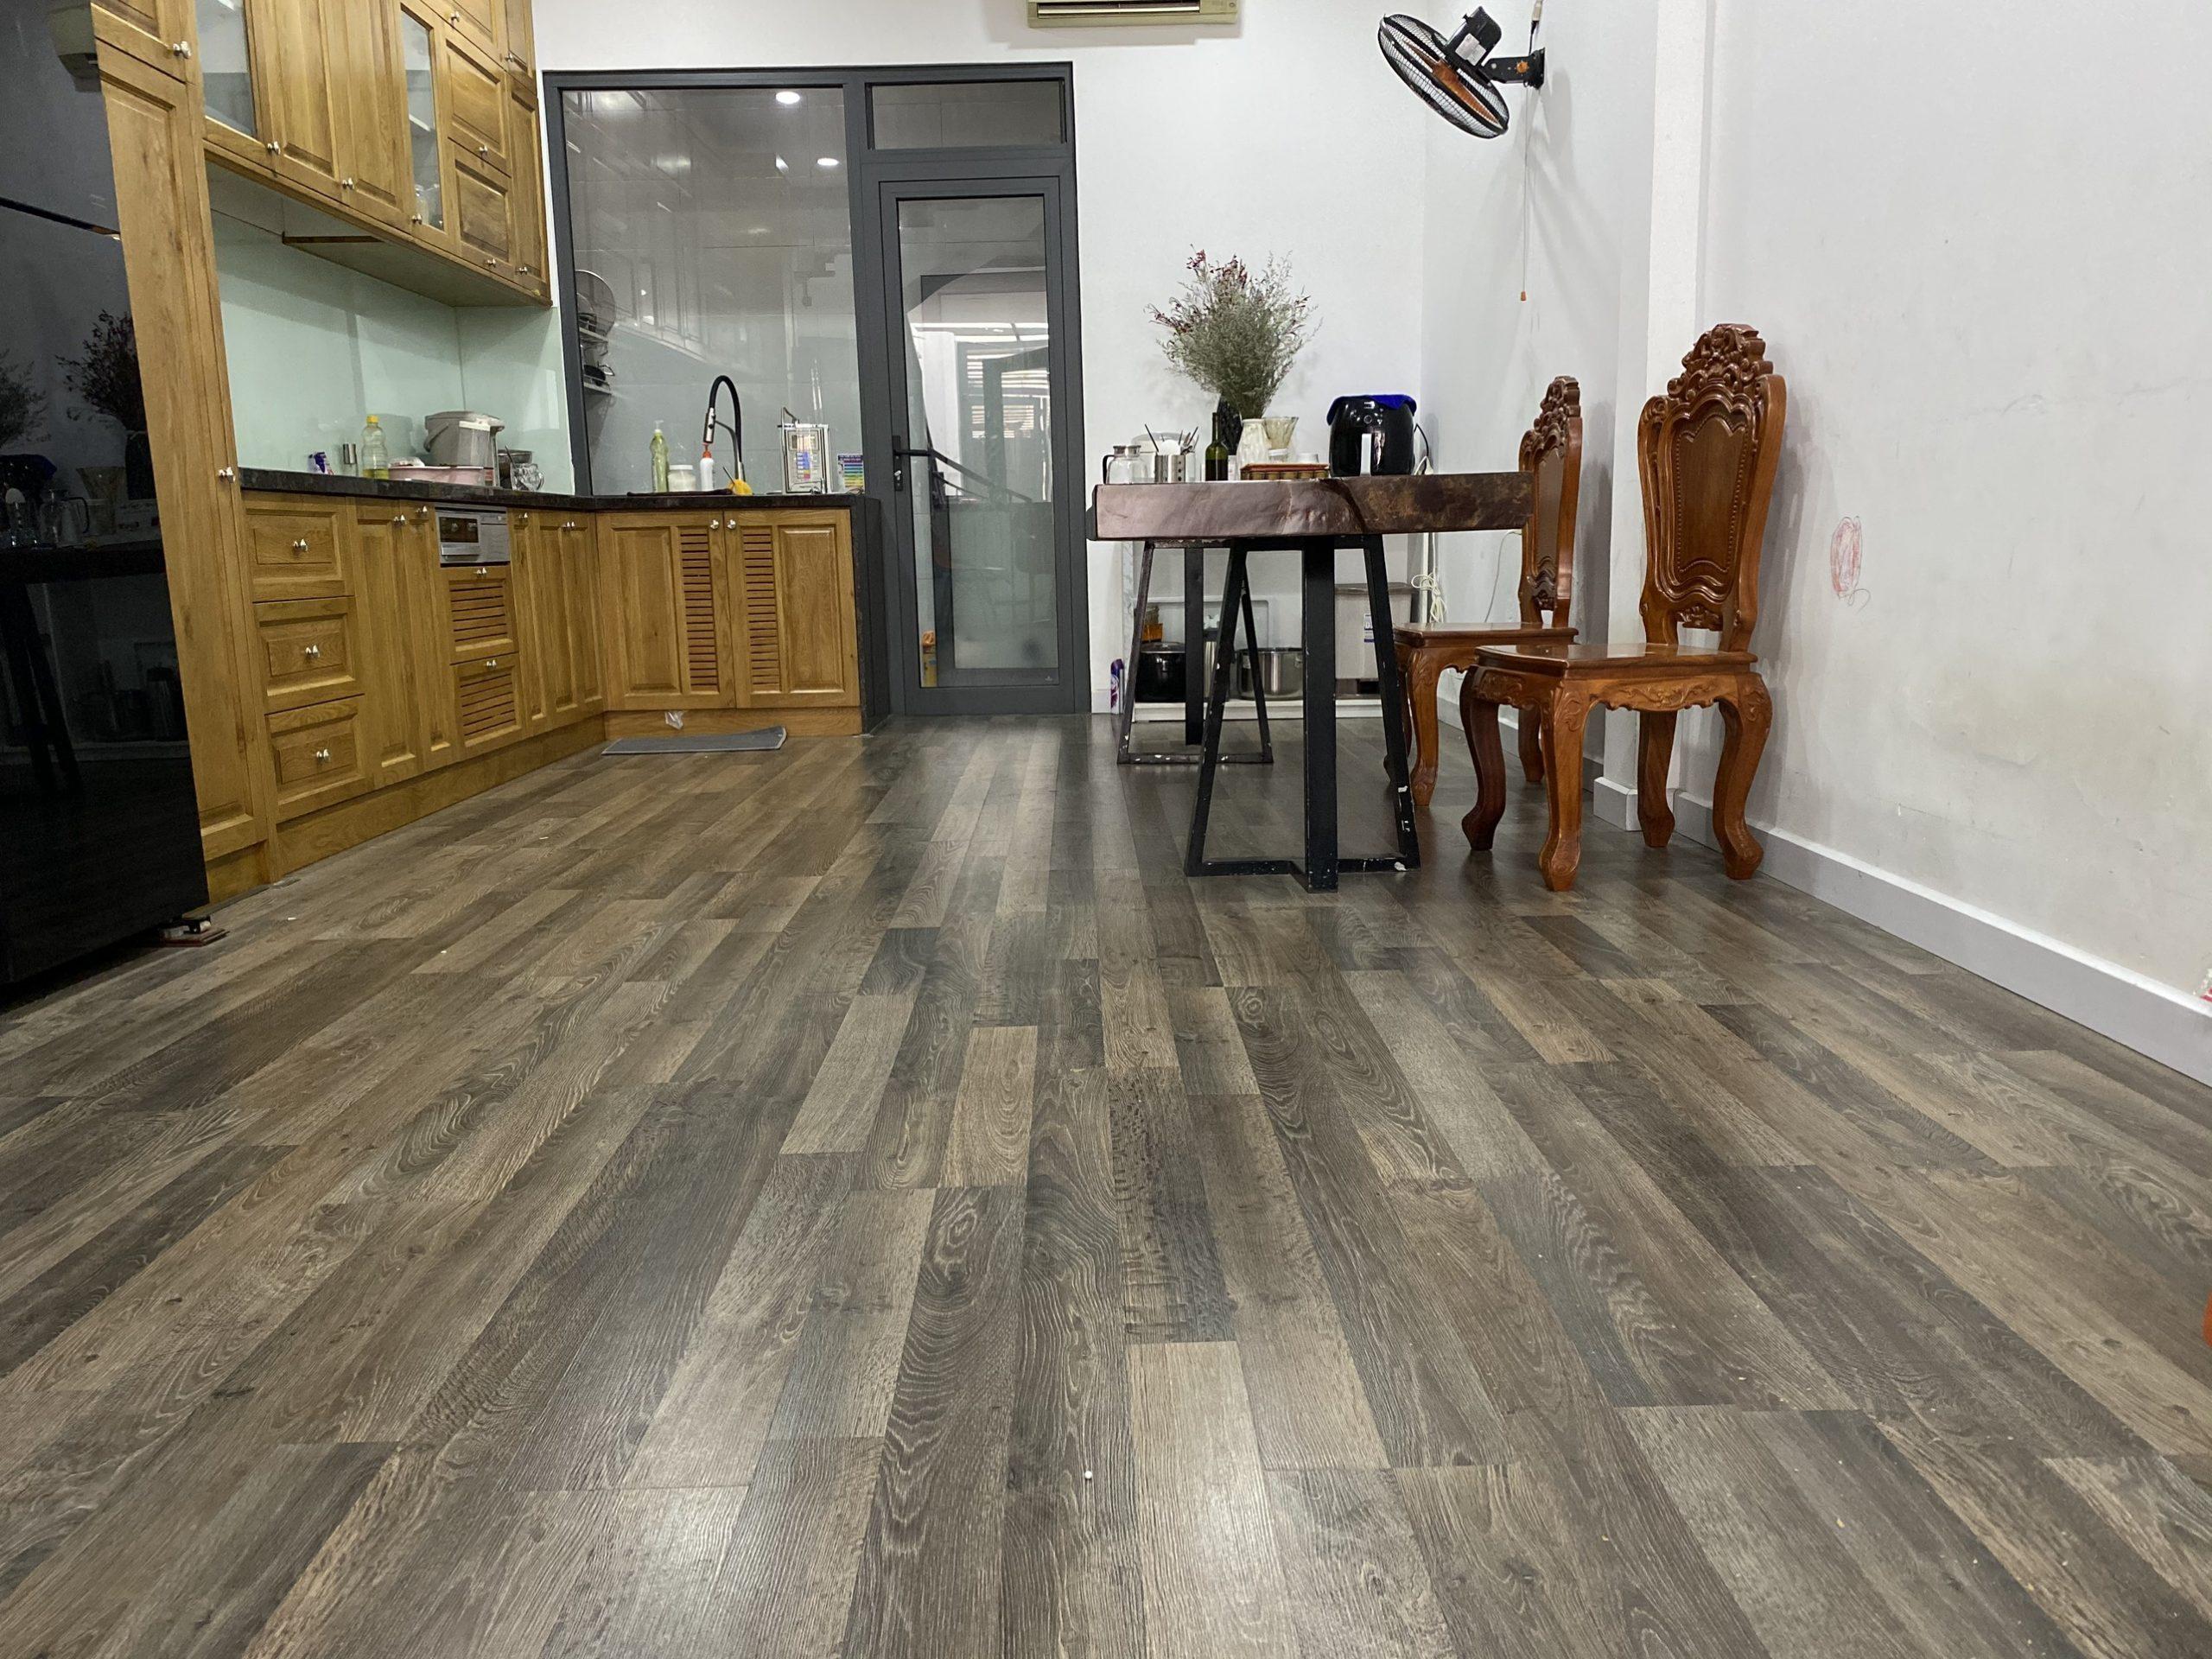 Nâng cấp sàn gỗ công nghiệp cho nhà ở